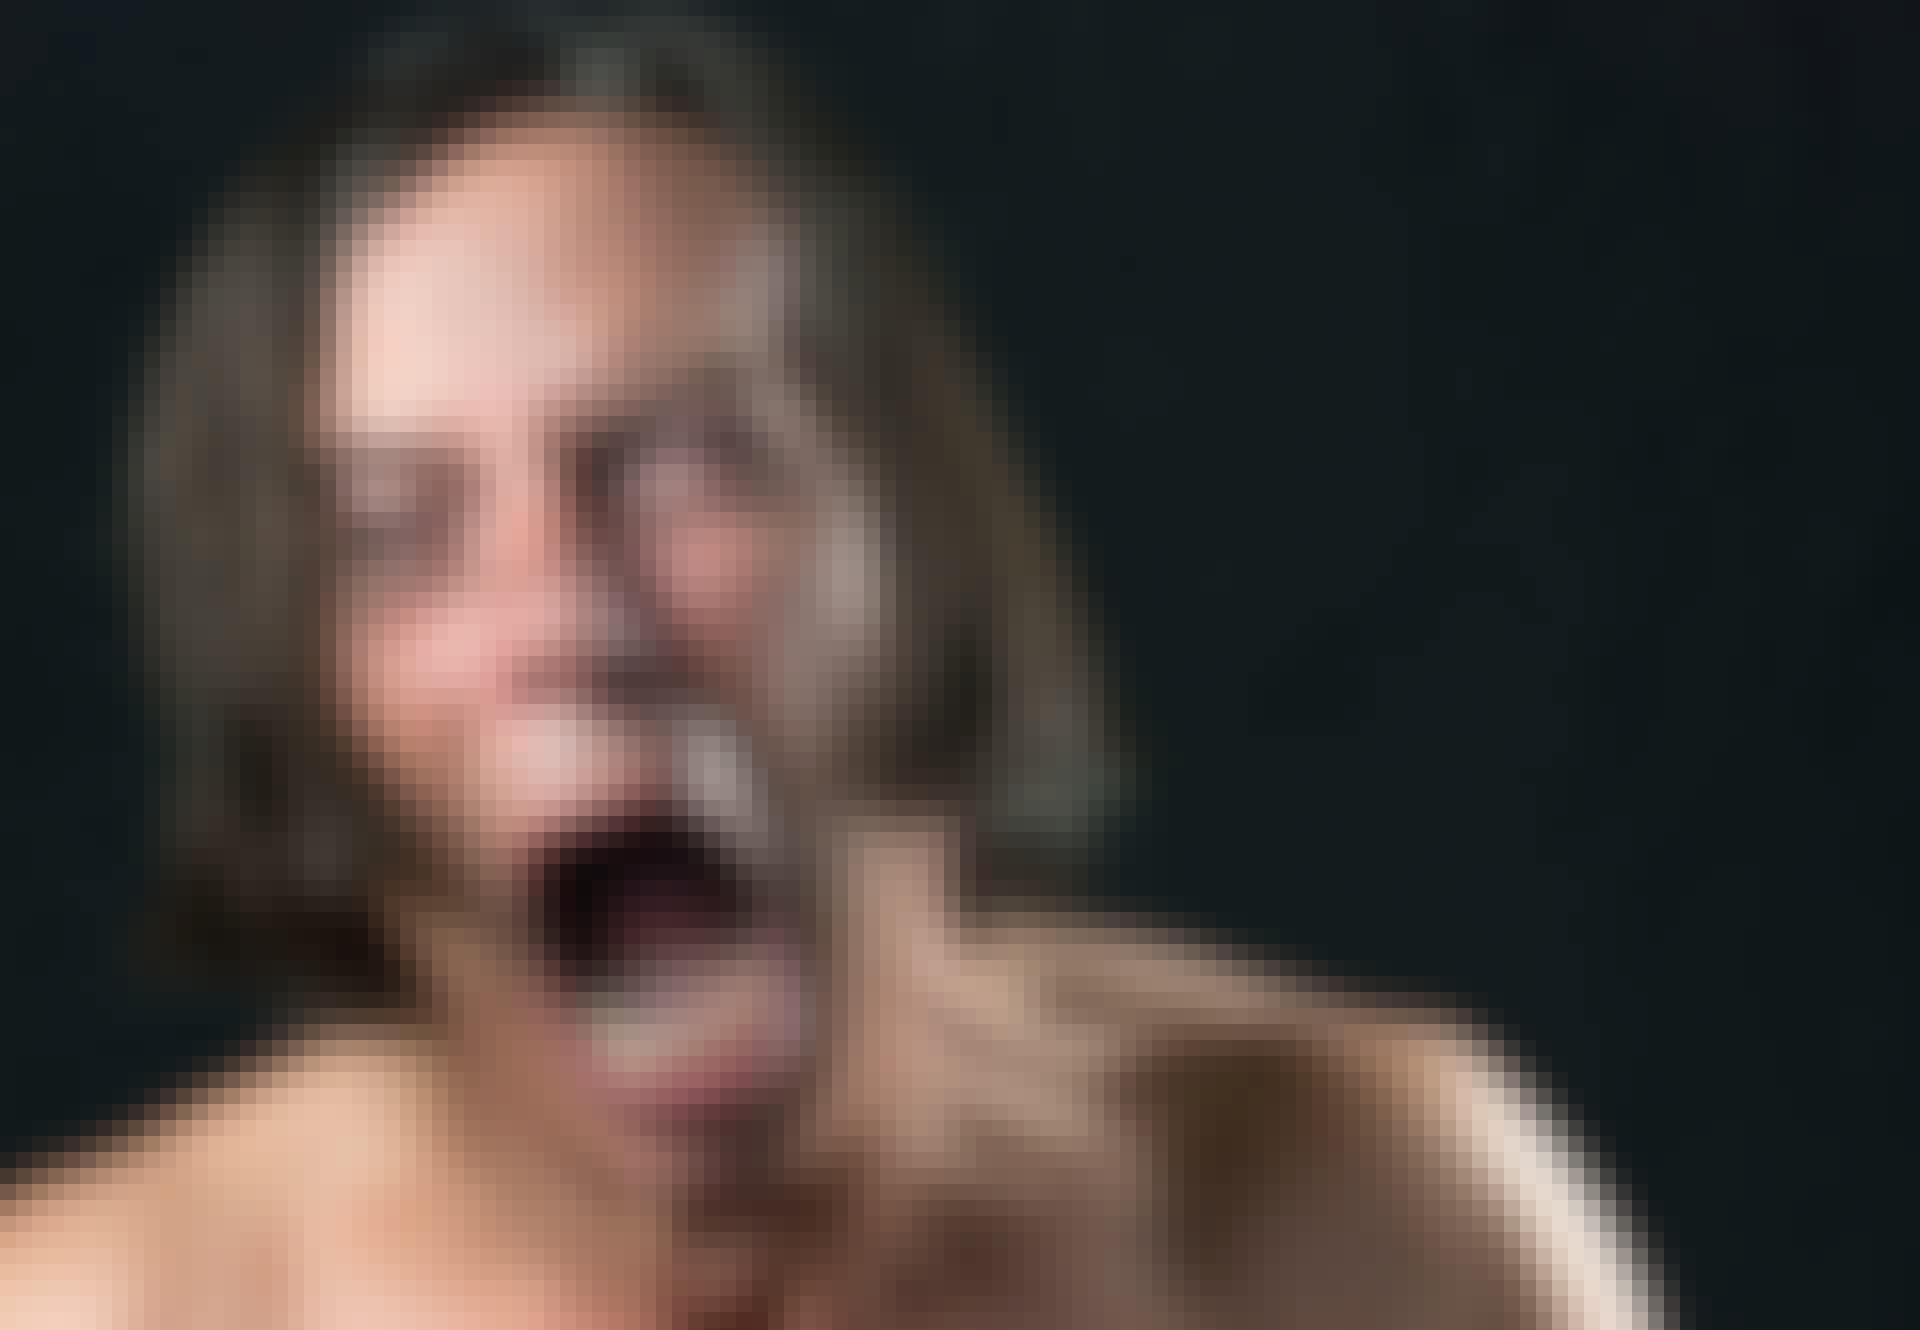 Mand skriger af smerte